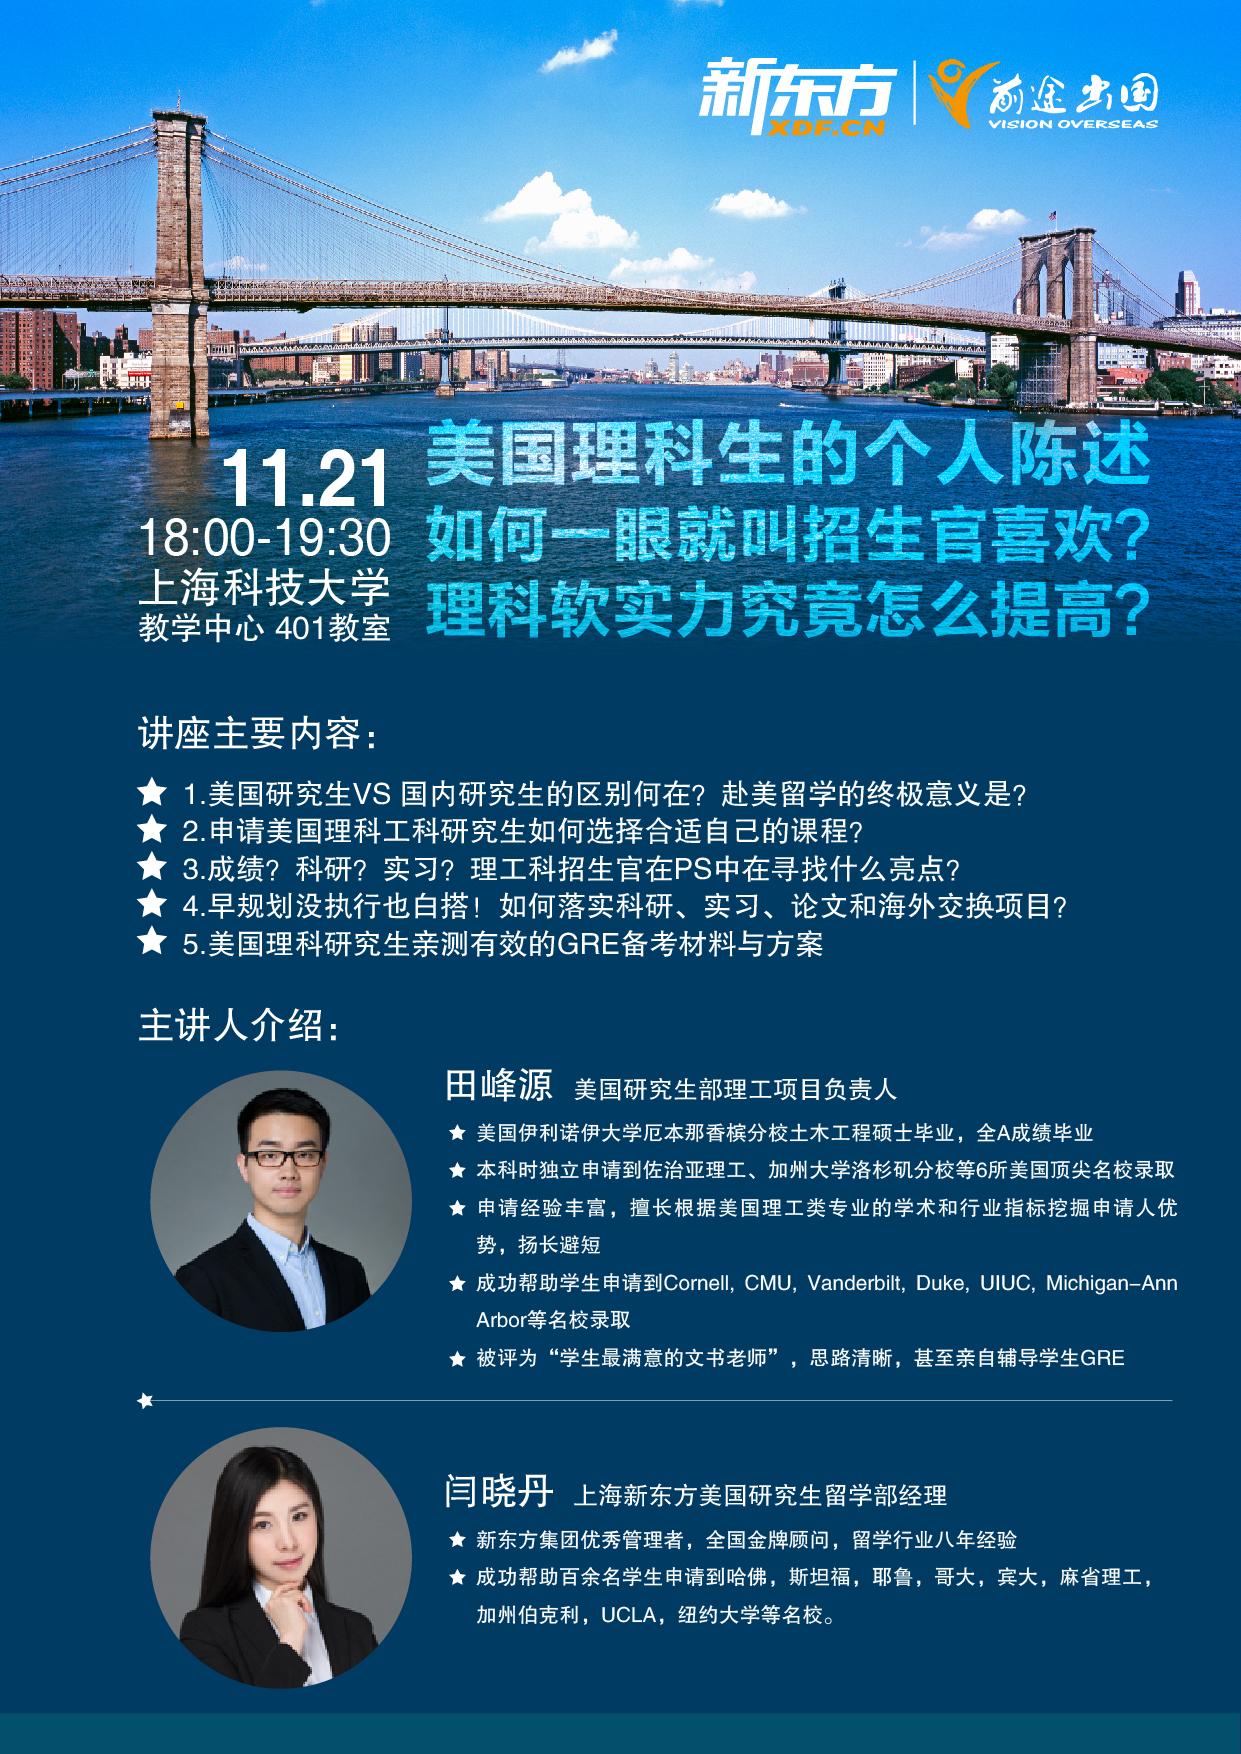 上海科技大学&新东方出国留学讲座.JPG